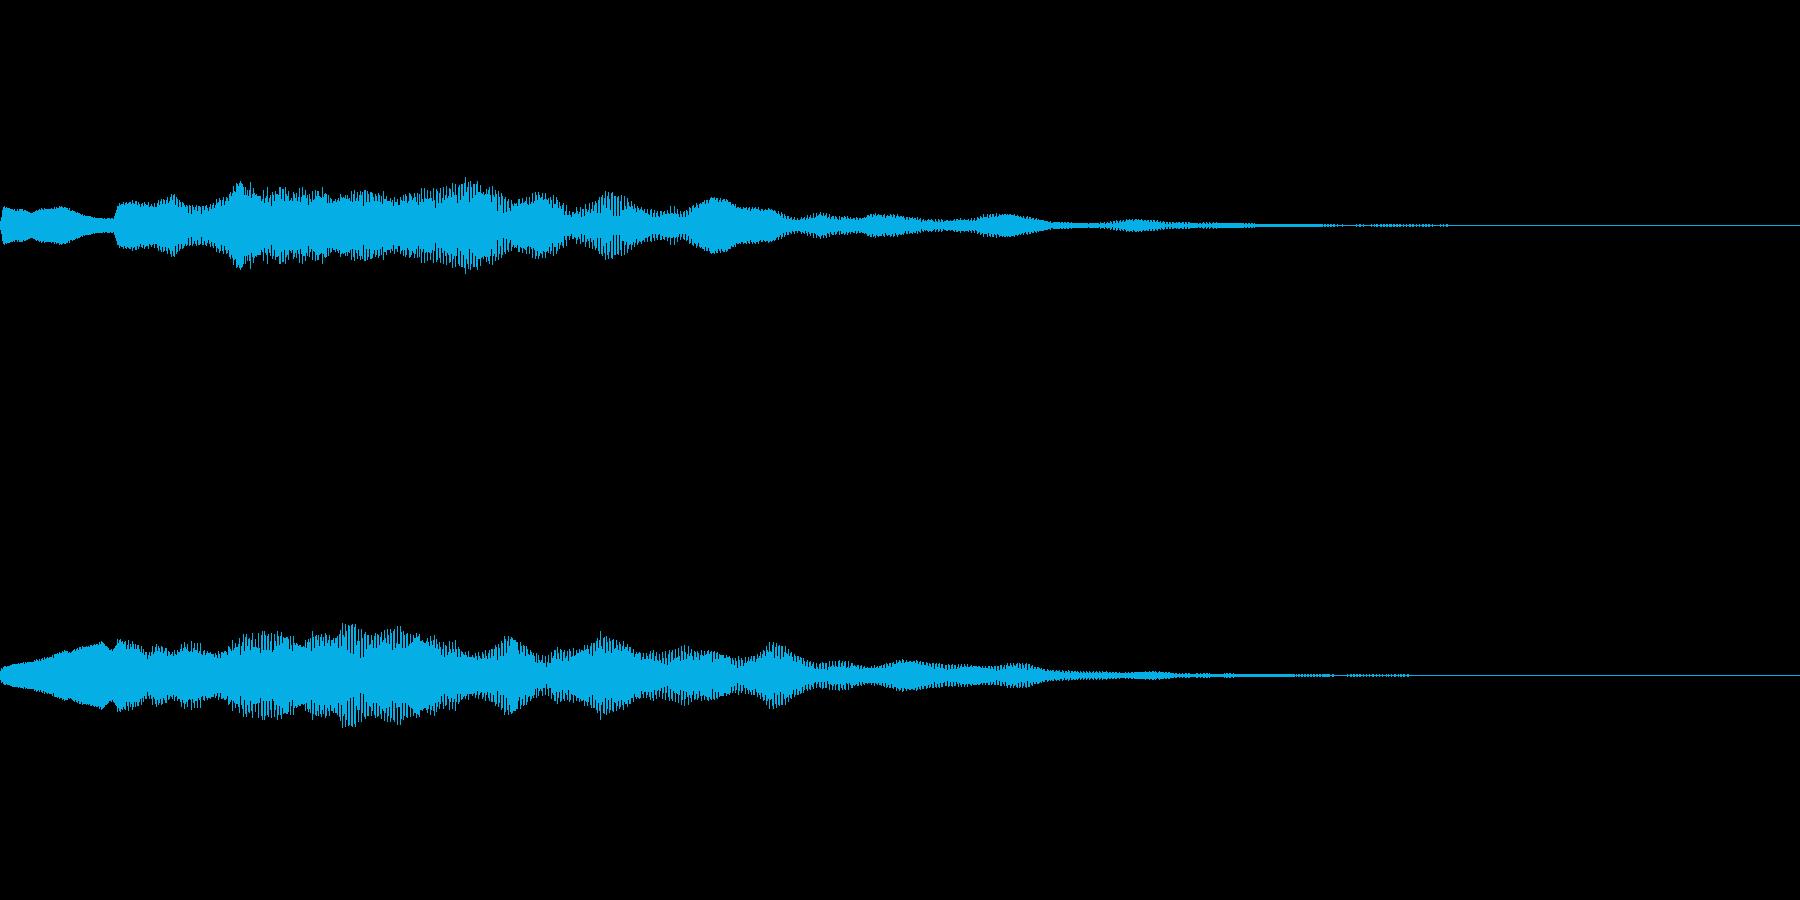 お知らせのベルの音の再生済みの波形